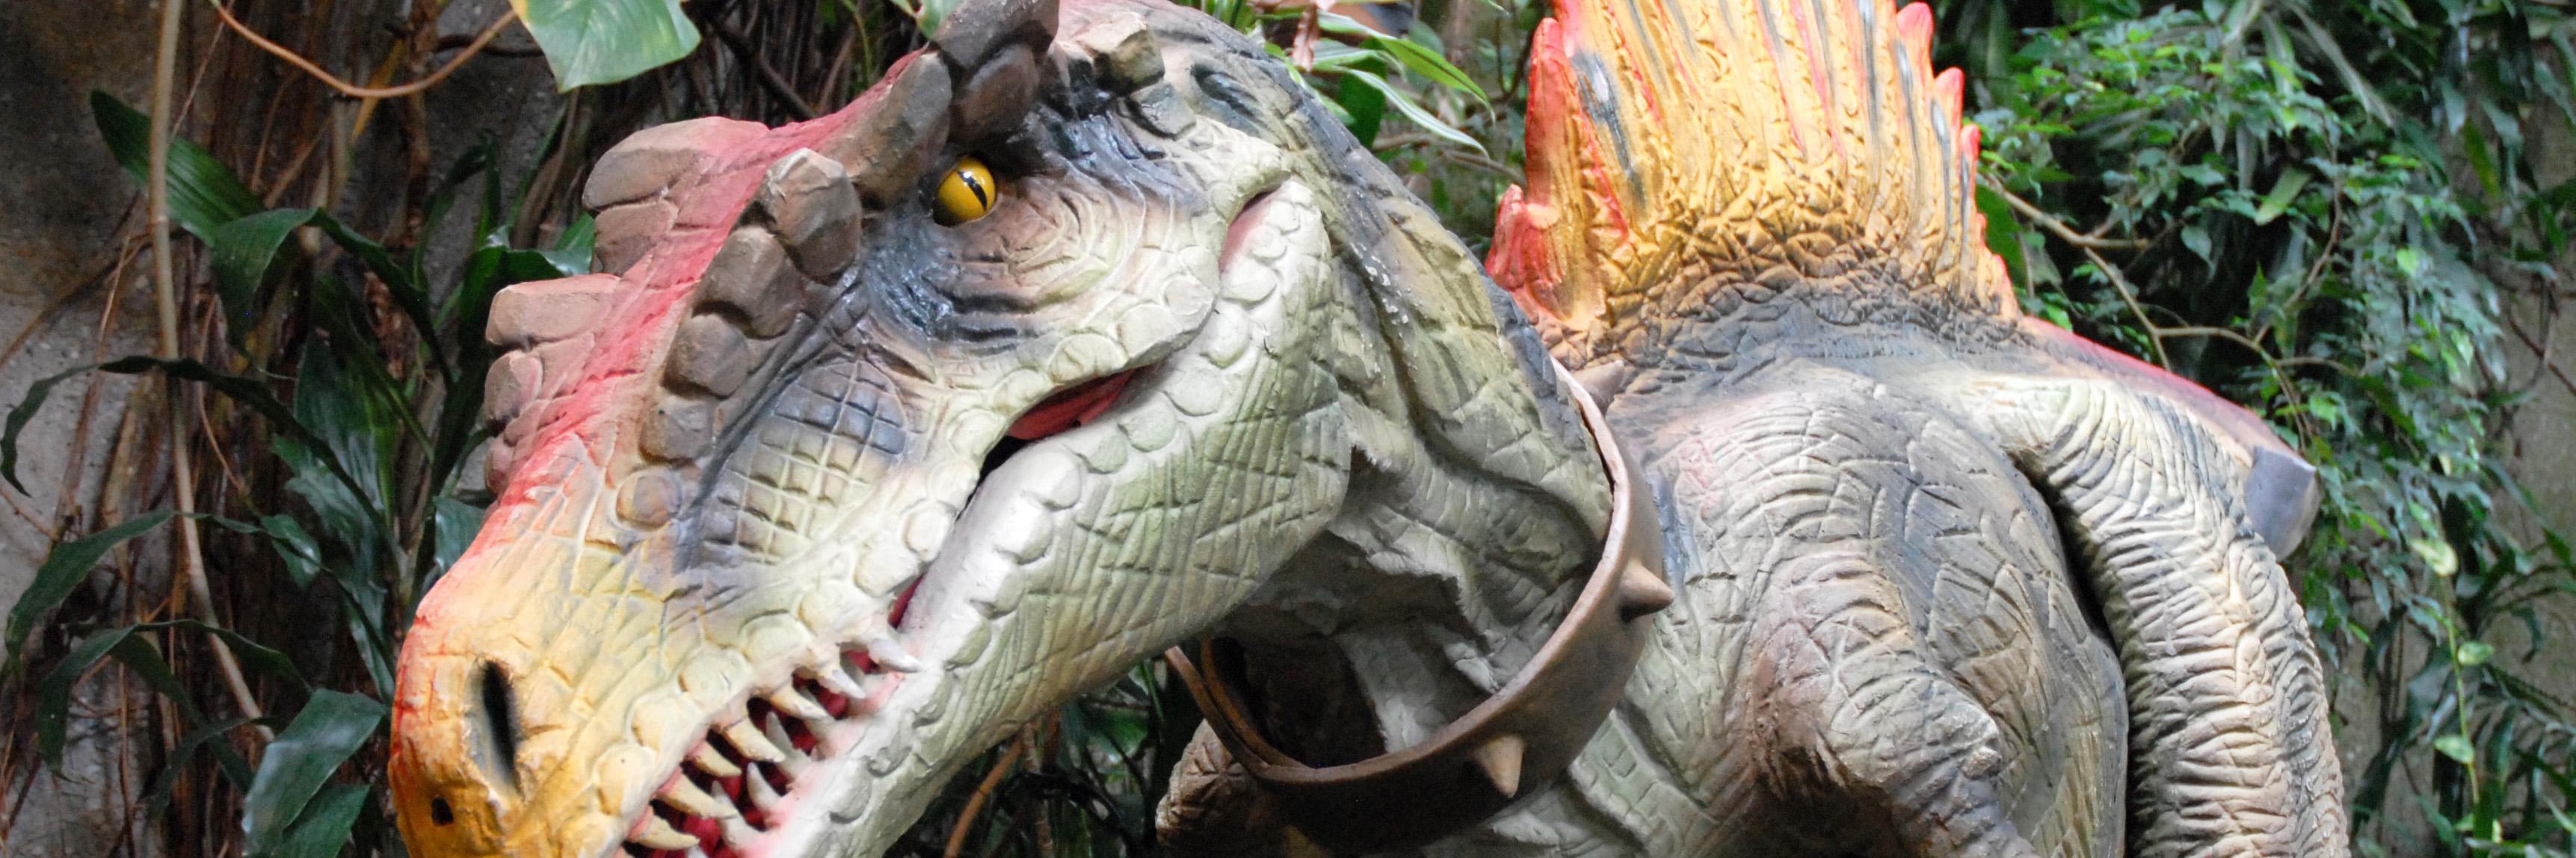 Dinosoriaid yn y Jyngl